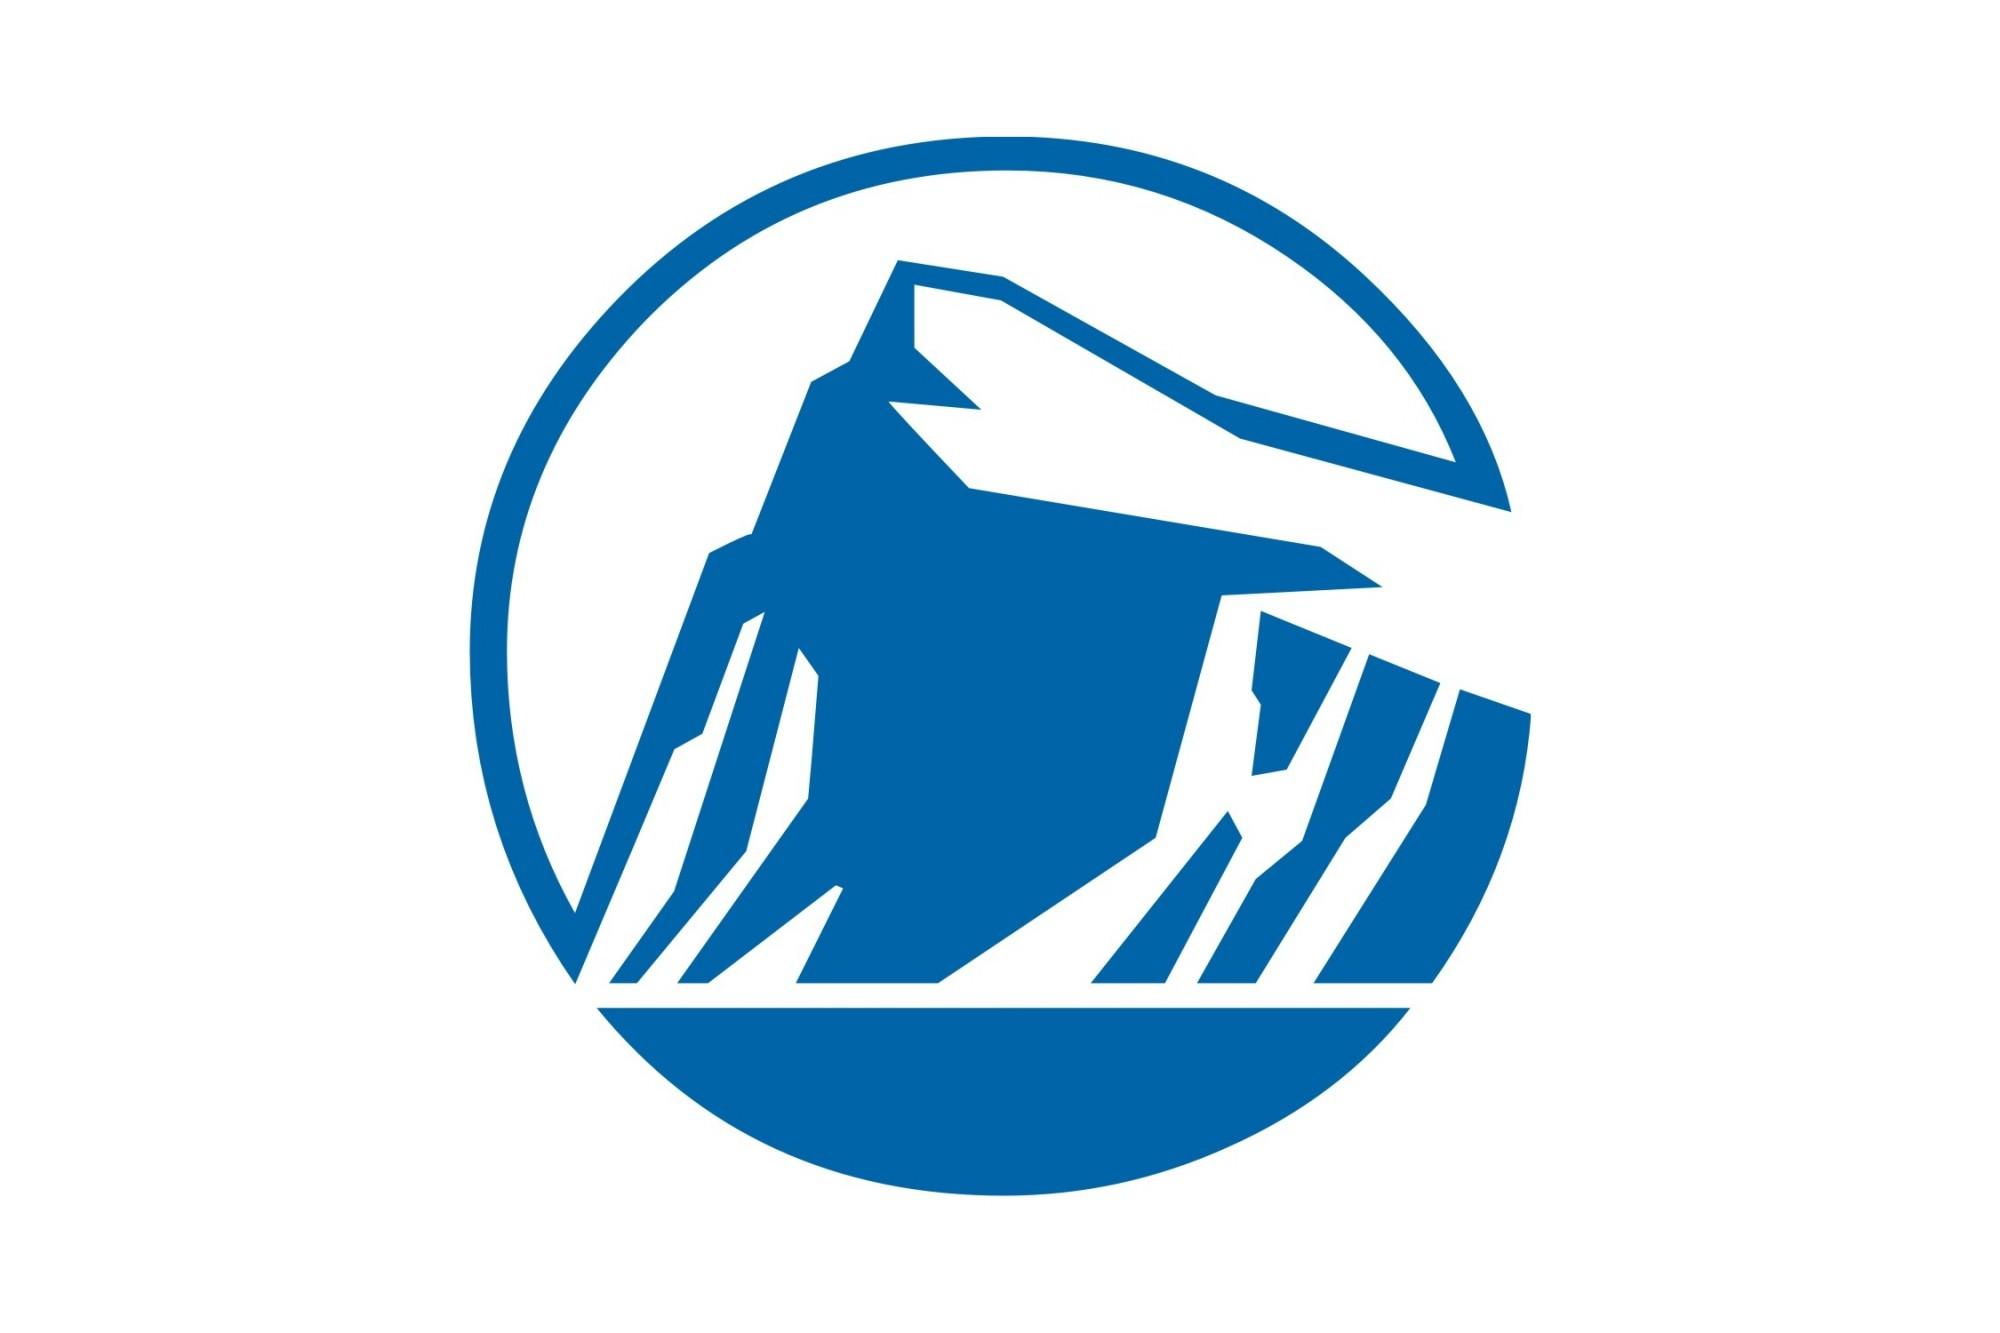 Global Bankers Insurance Group rileva il Gruppo Pramerica